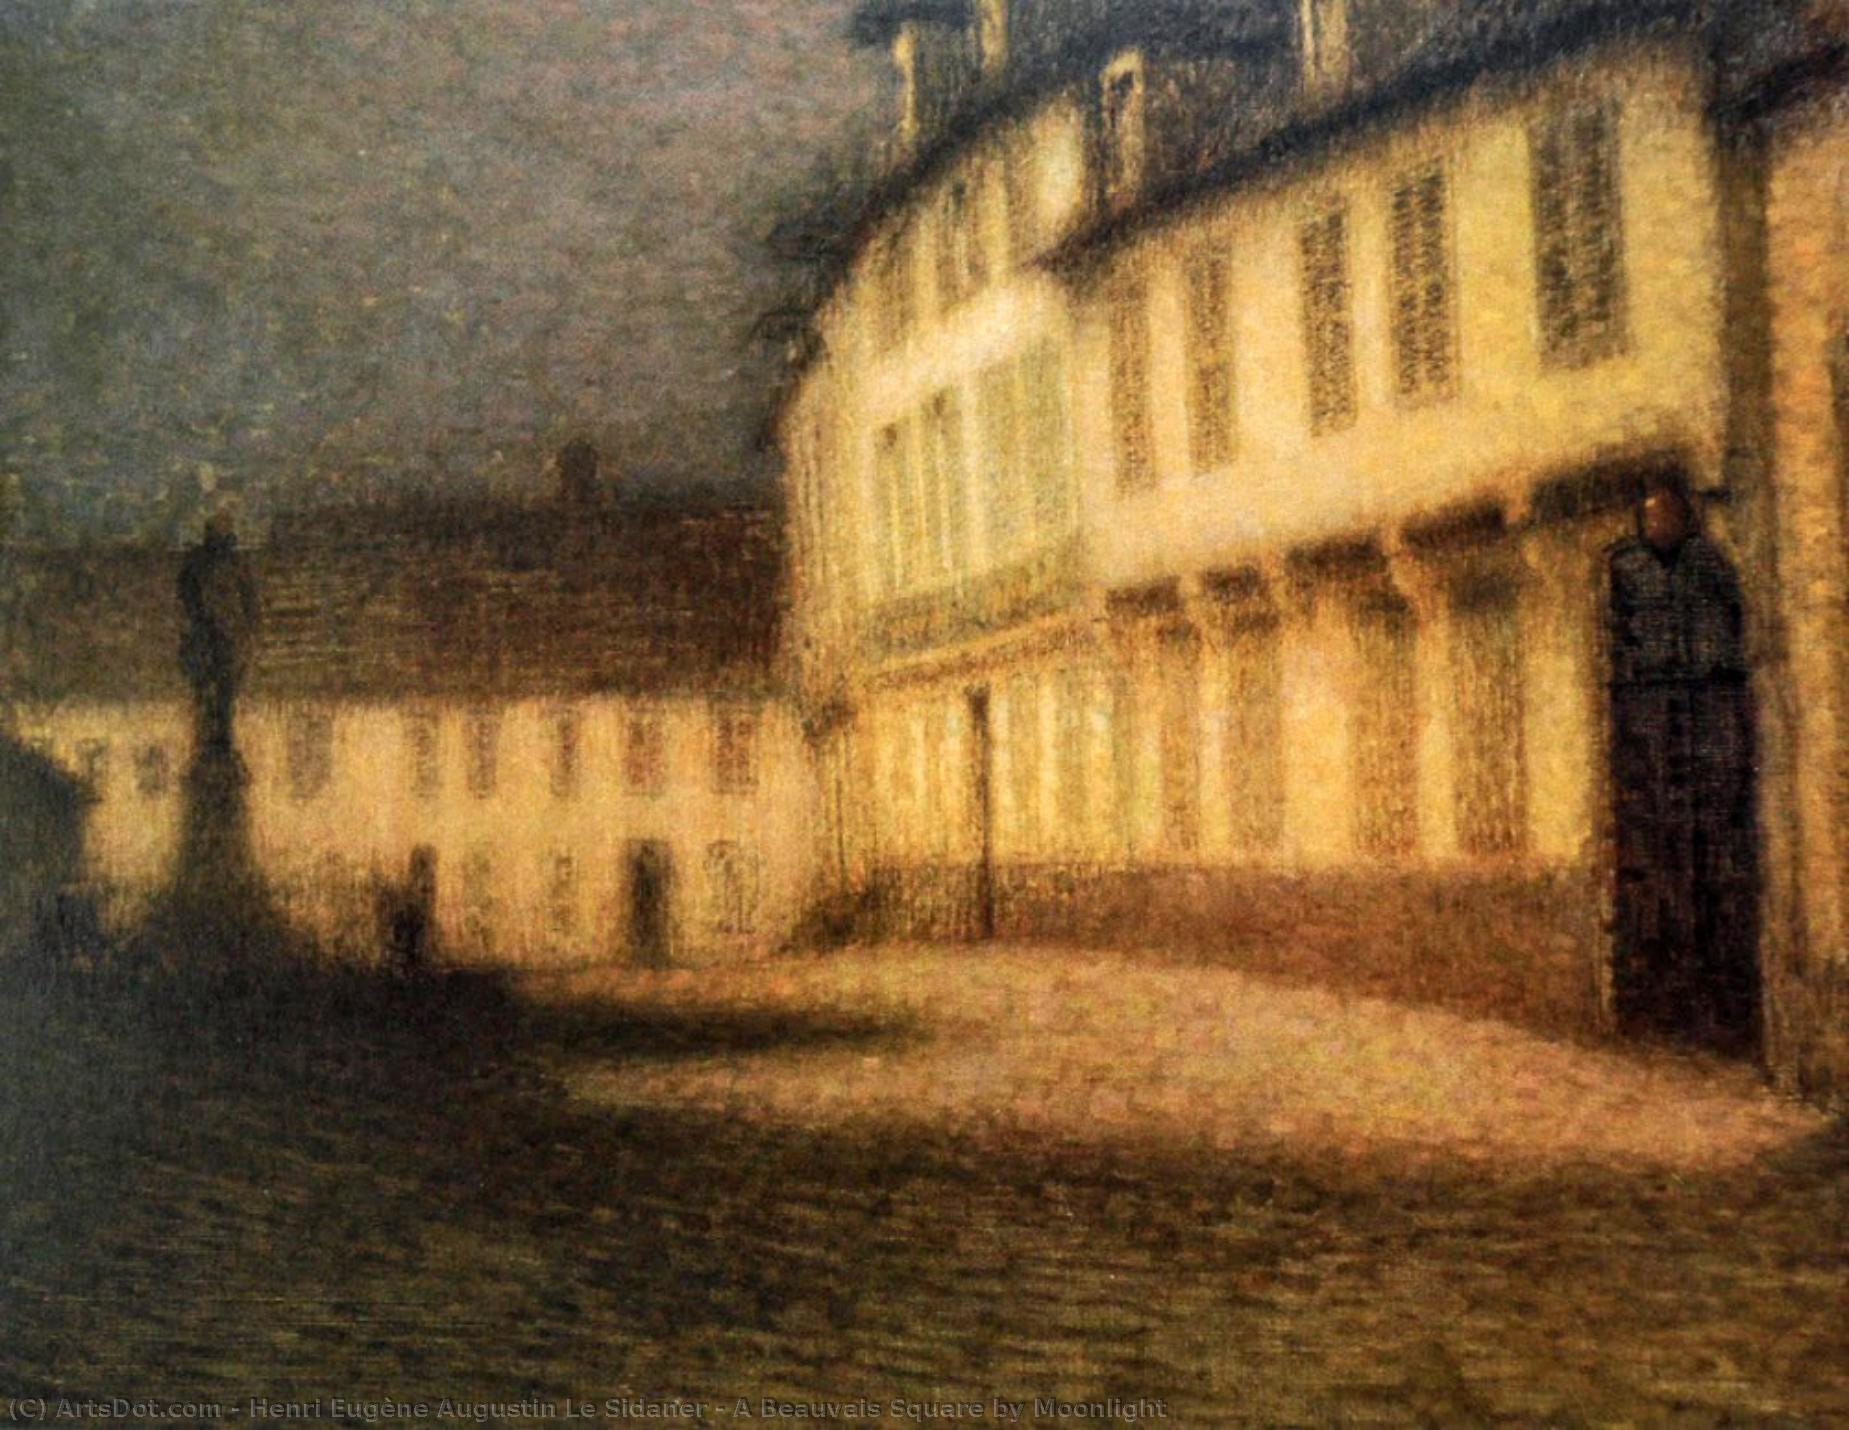 Wikoo.org - موسوعة الفنون الجميلة - اللوحة، العمل الفني Henri Eugène Augustin Le Sidaner - A Beauvais Square by Moonlight